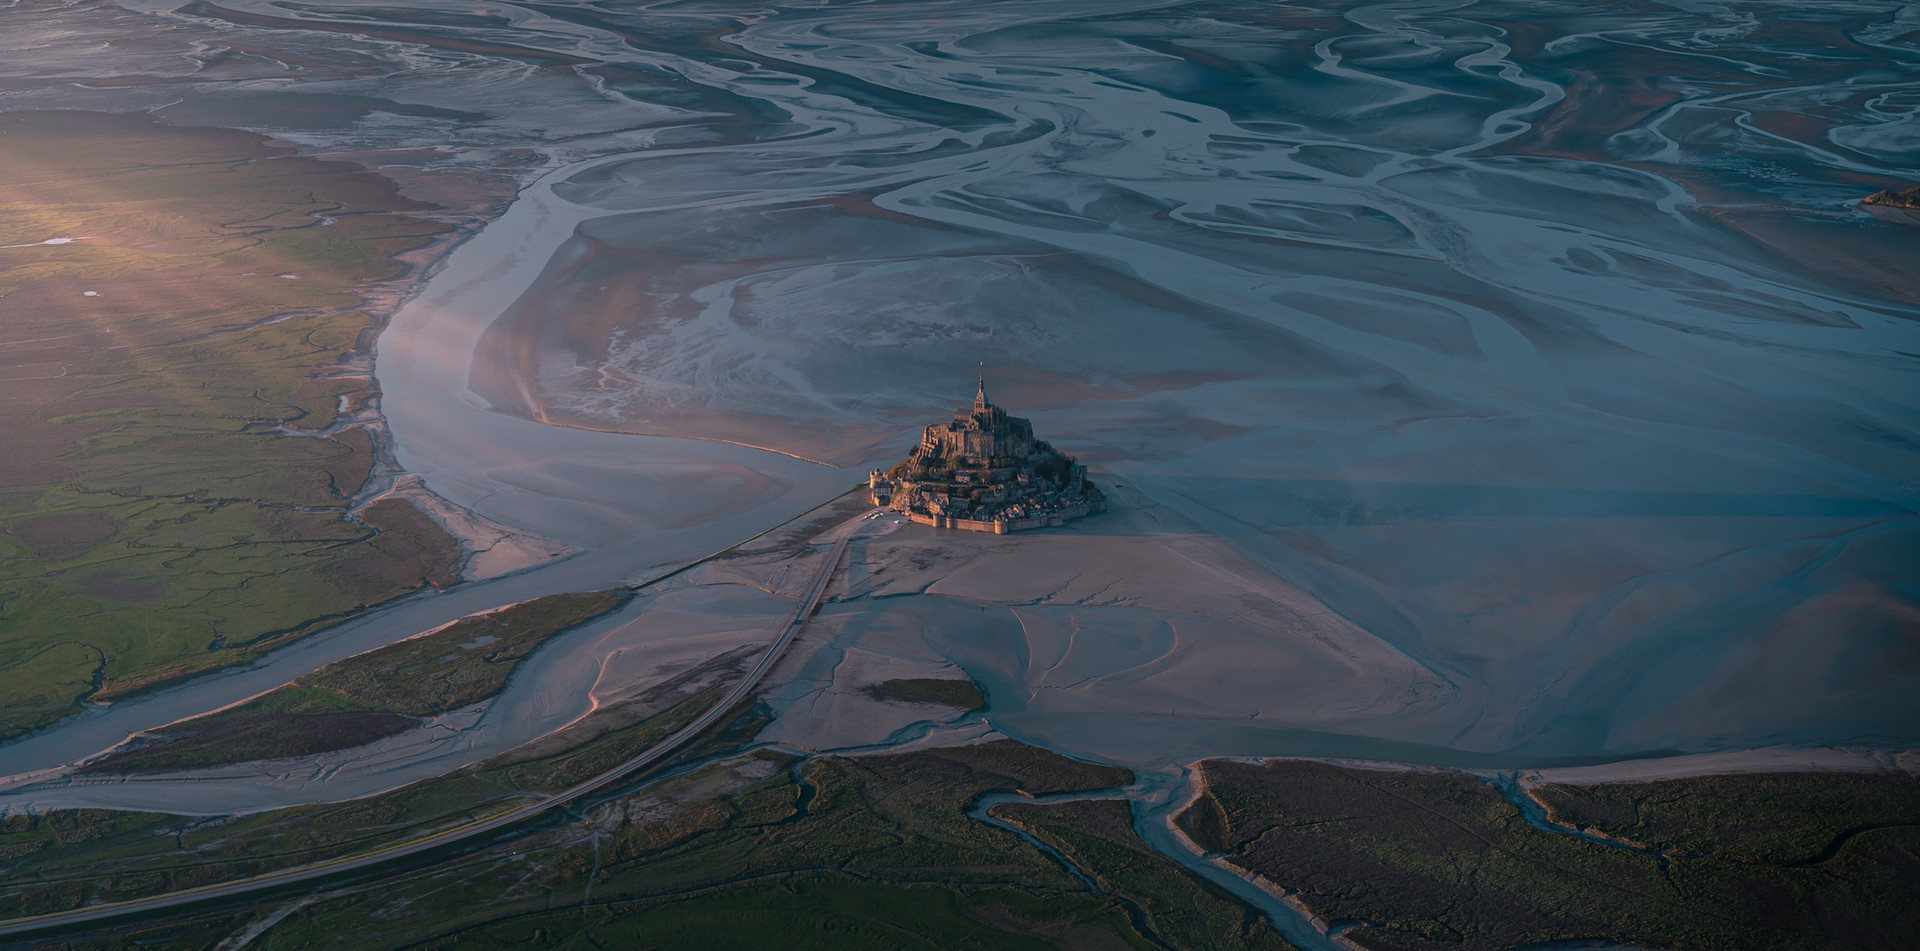 Photographie aérienne du Mont Saint-Michel